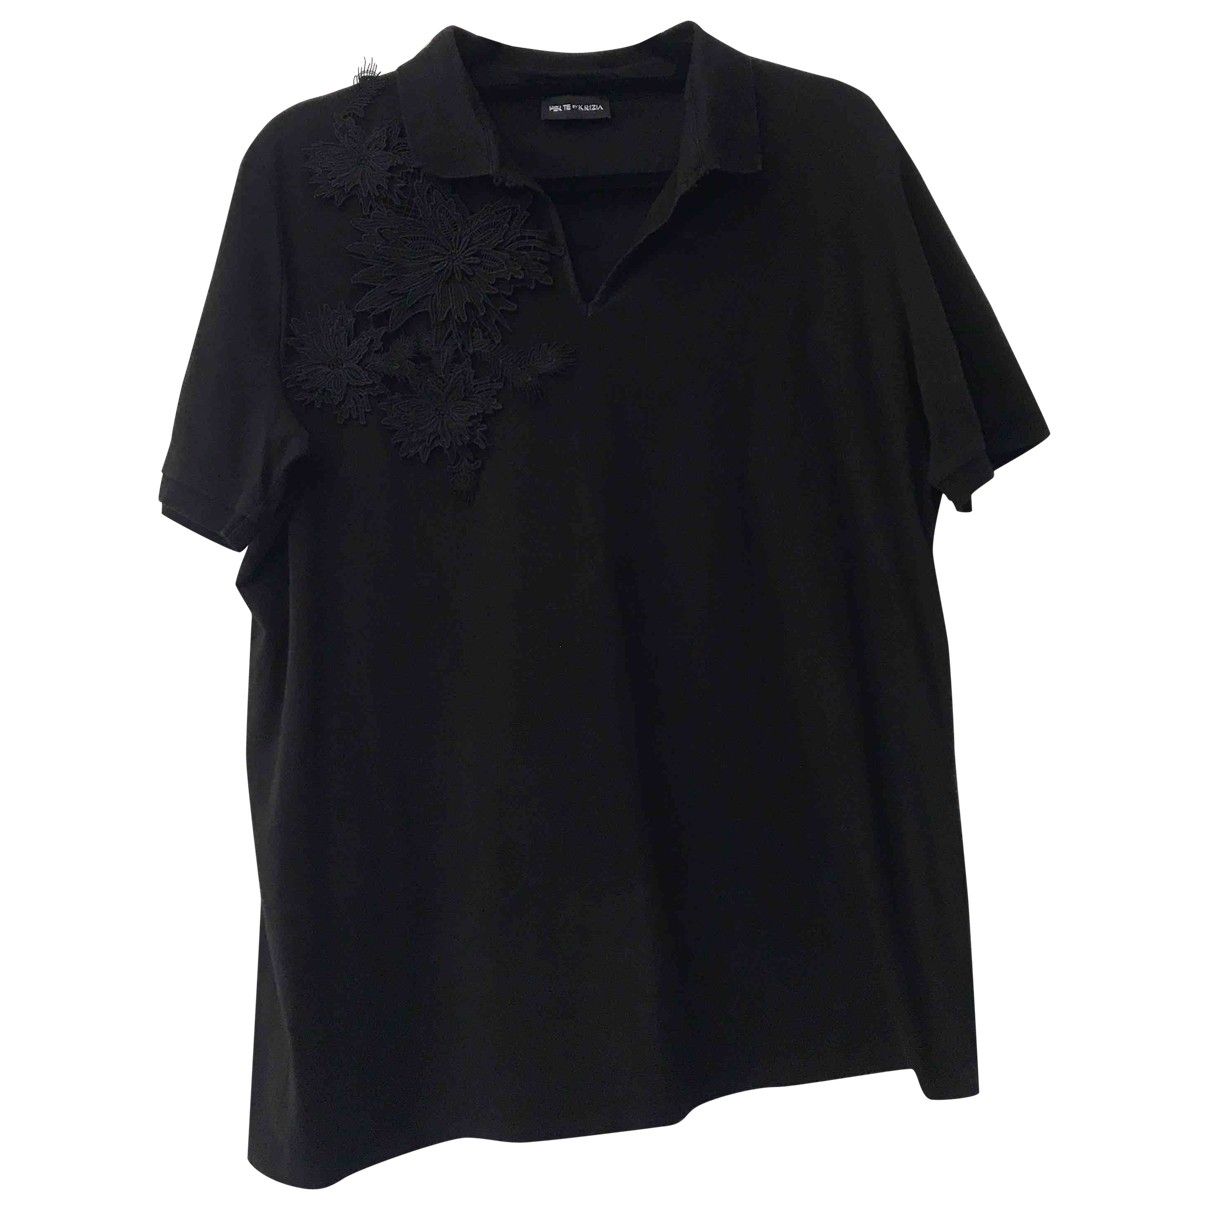 Krizia - Top   pour femme en coton - noir